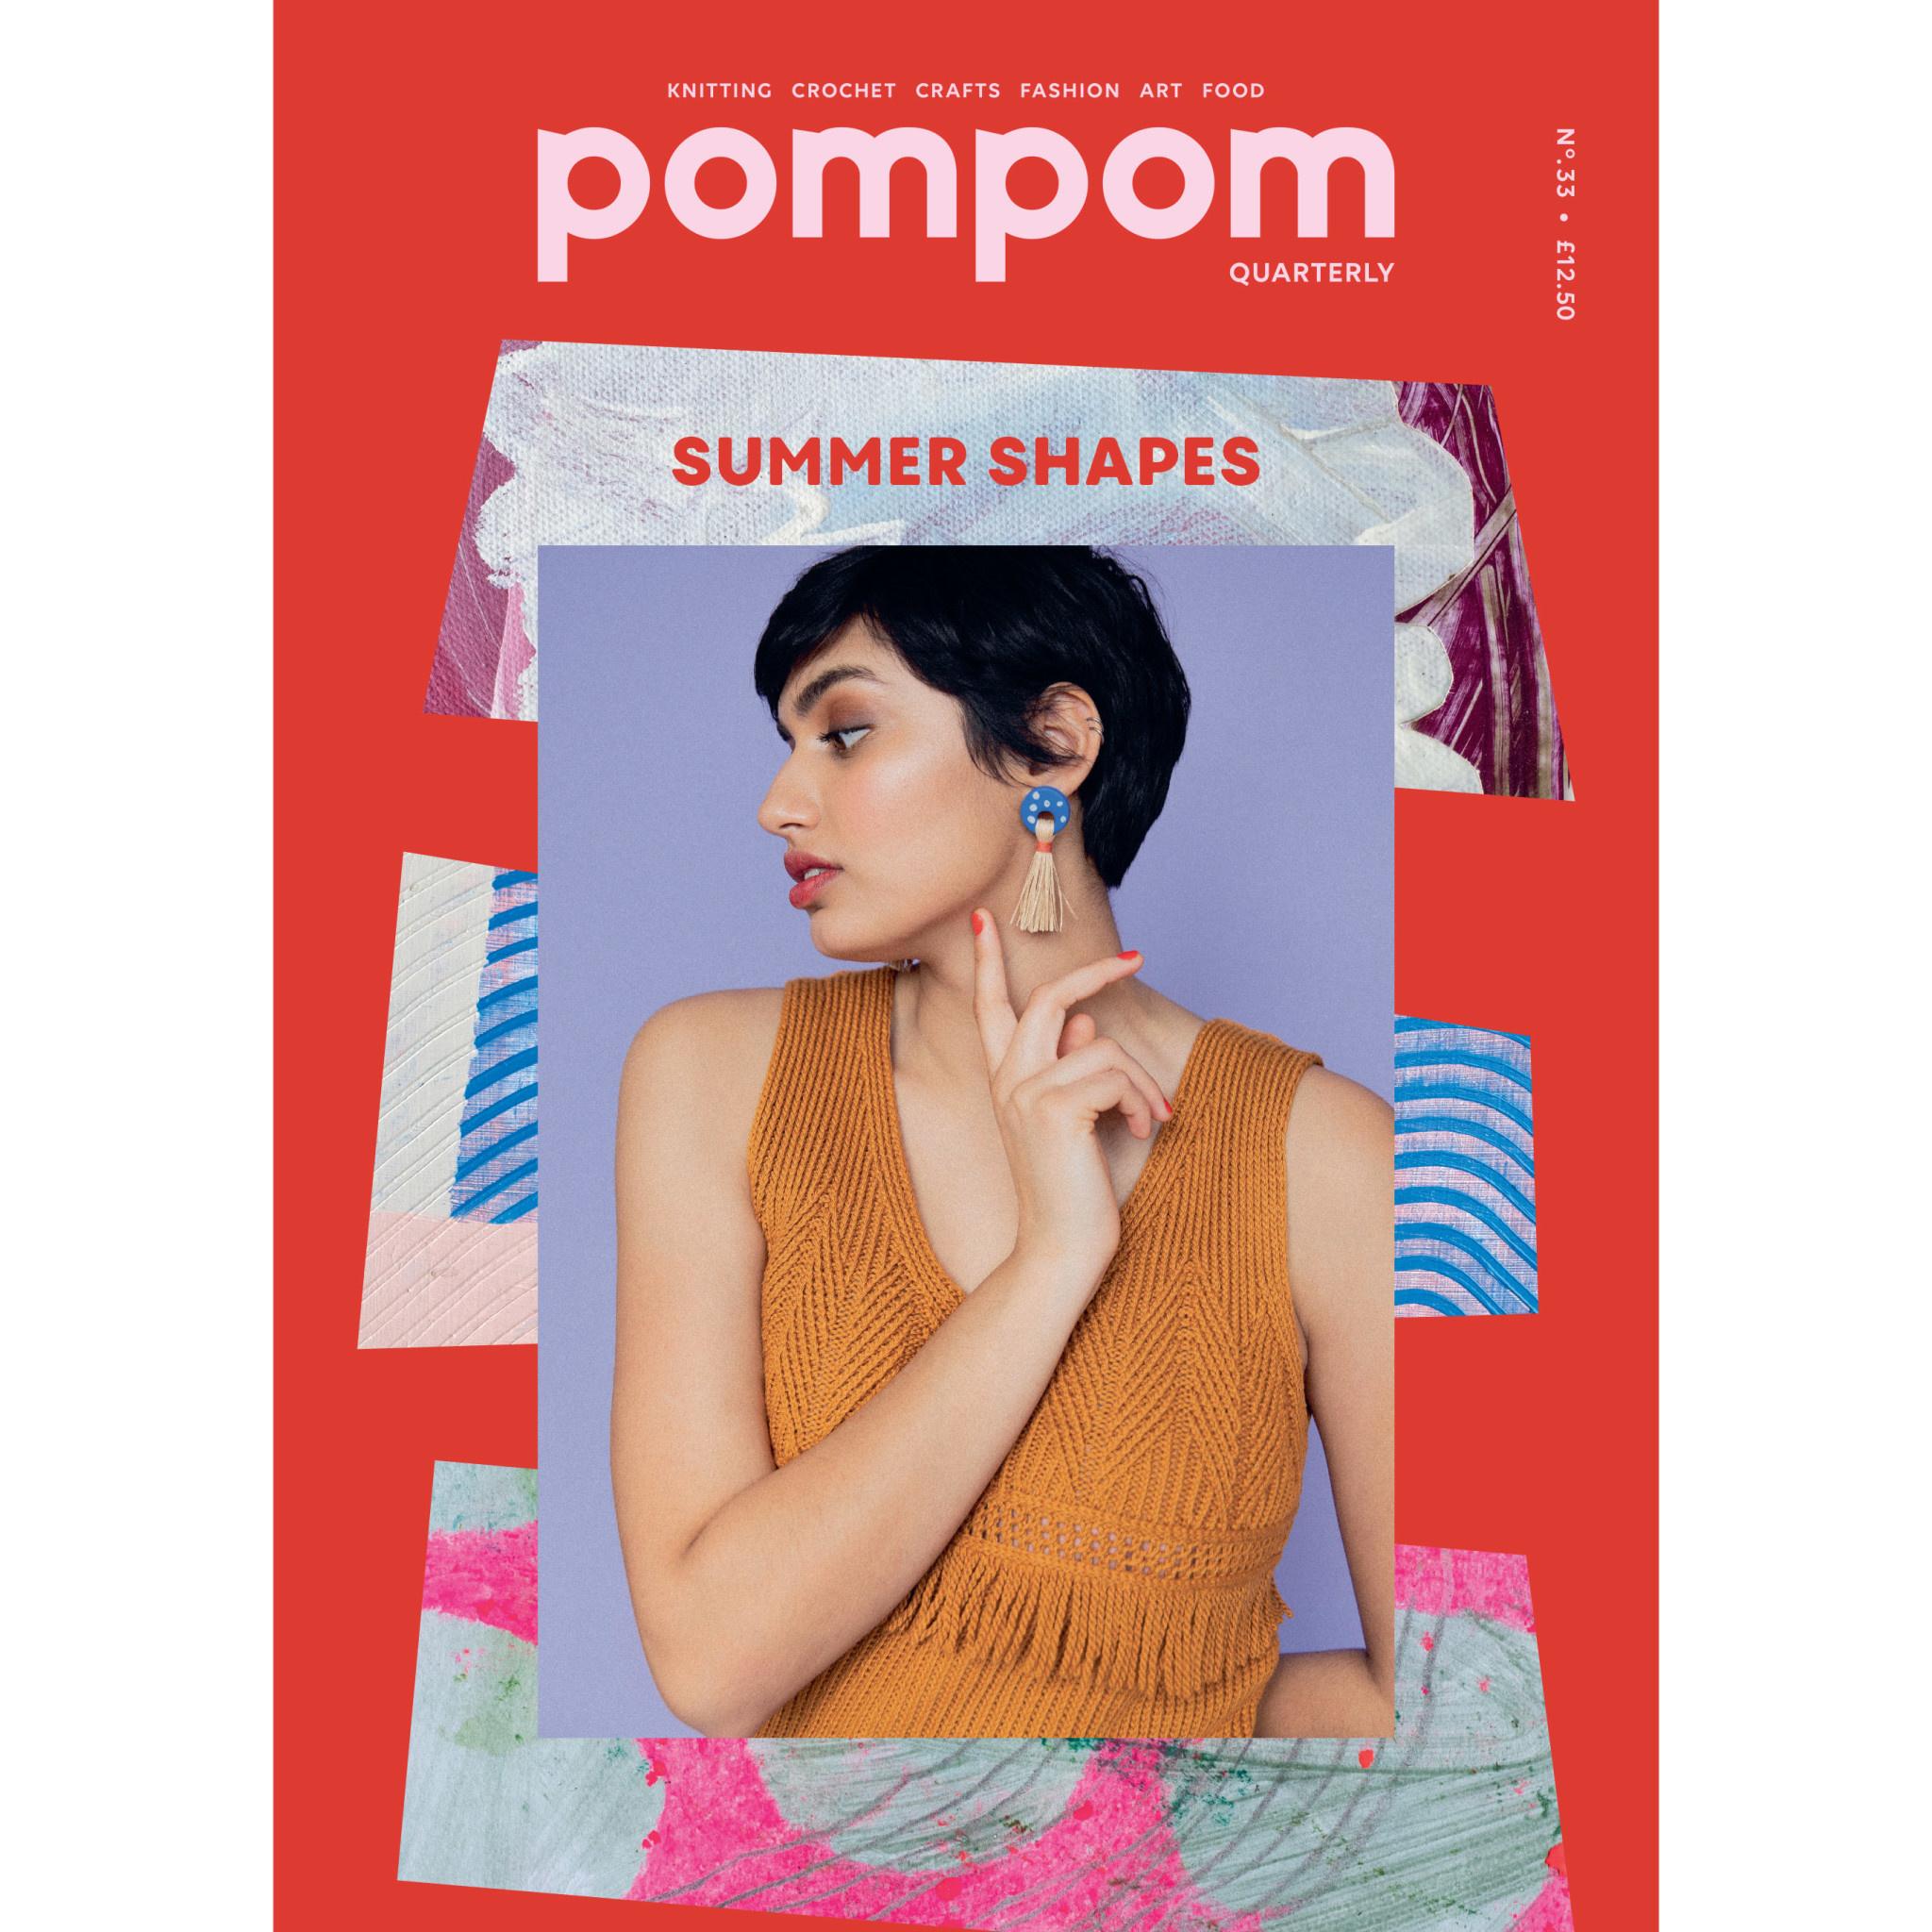 POMPOM QUARTERLY - SUMMER 2020